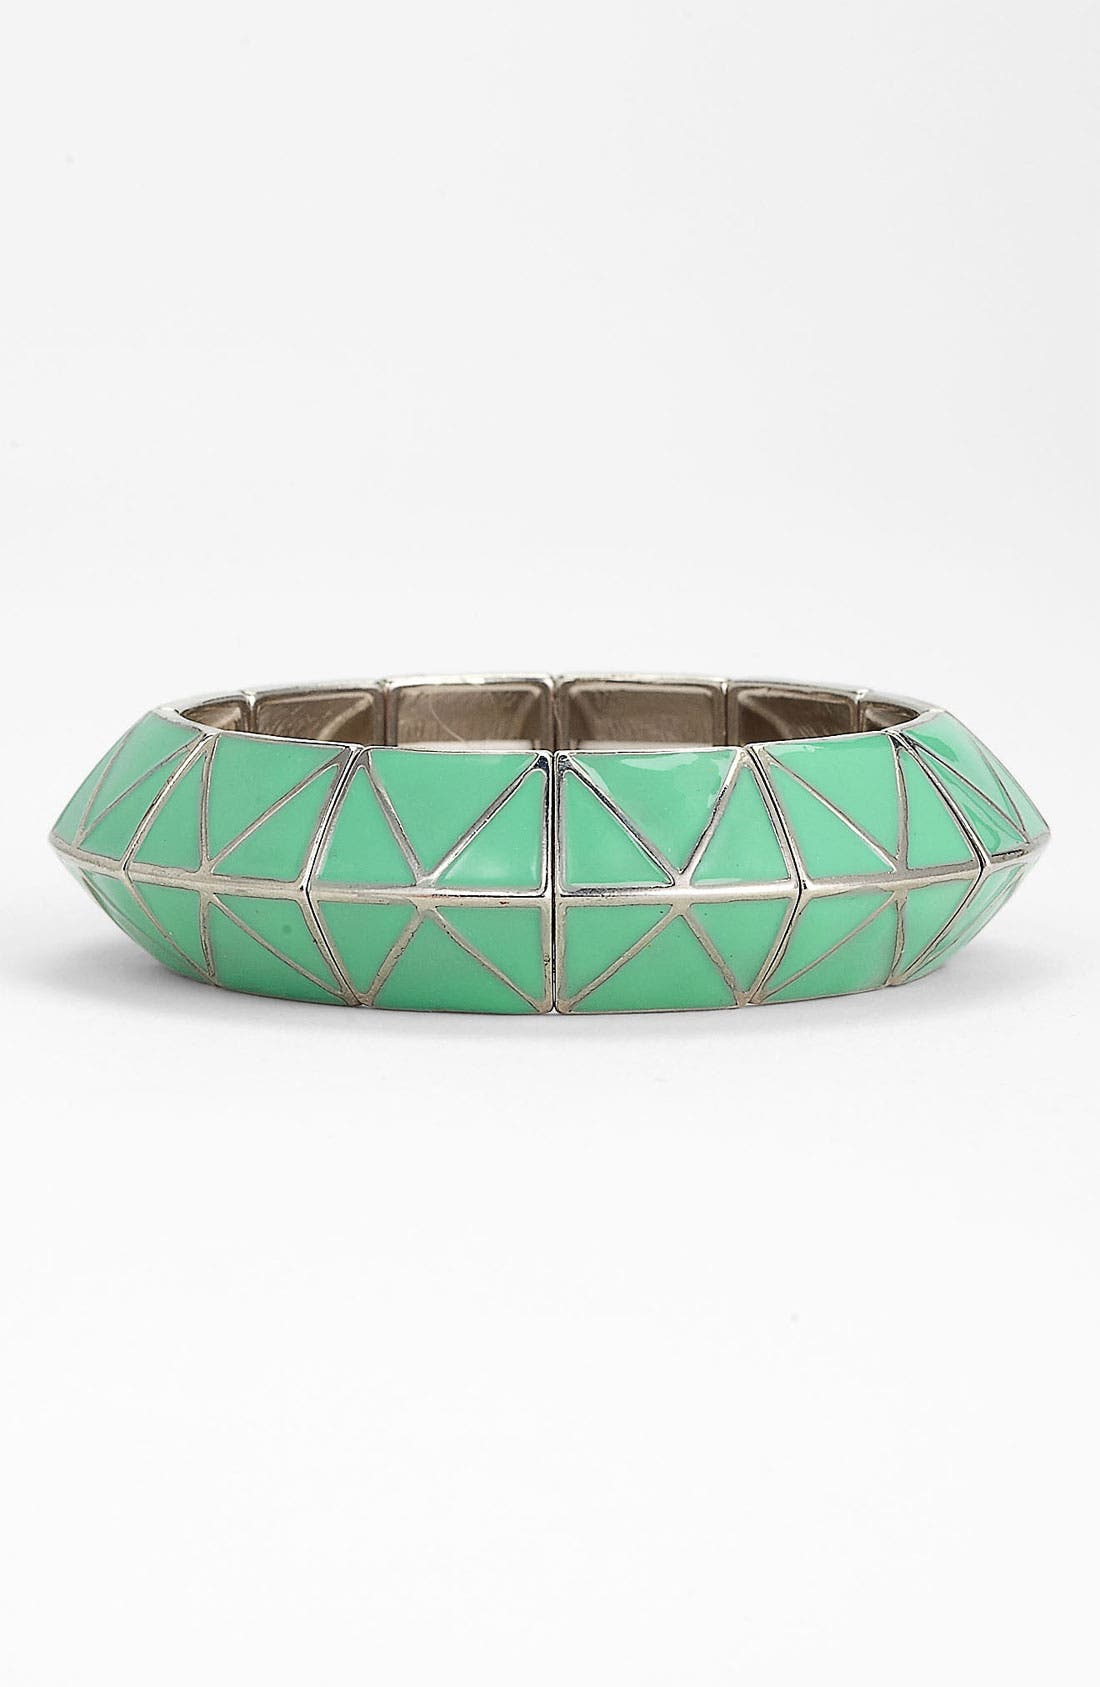 Main Image - Carole Enameled Pyramid Stretch Bracelet